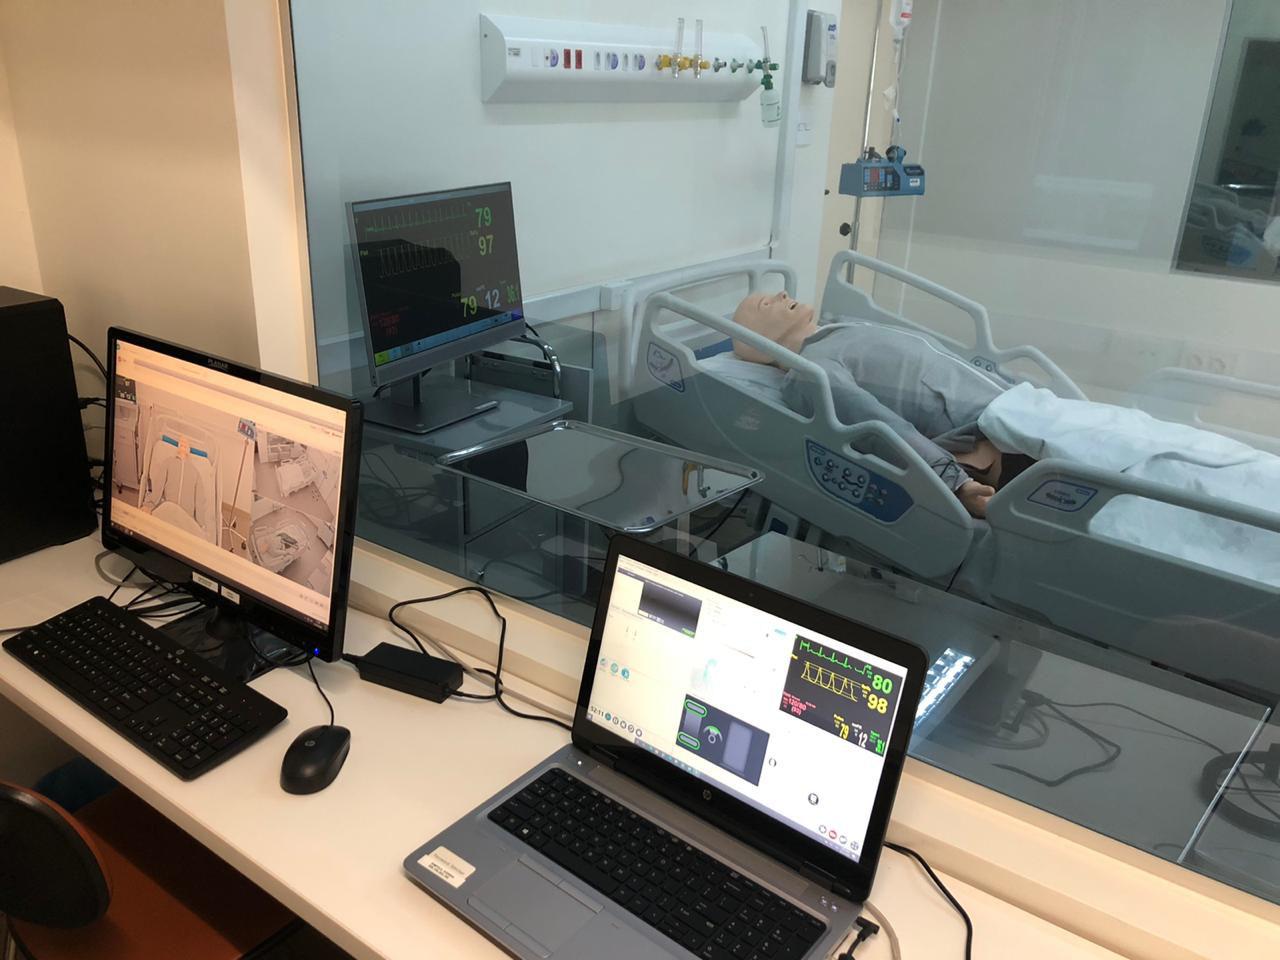 (Português do Brasil) Medicina da USP em Bauru: uma nova maneira de se formar médicos